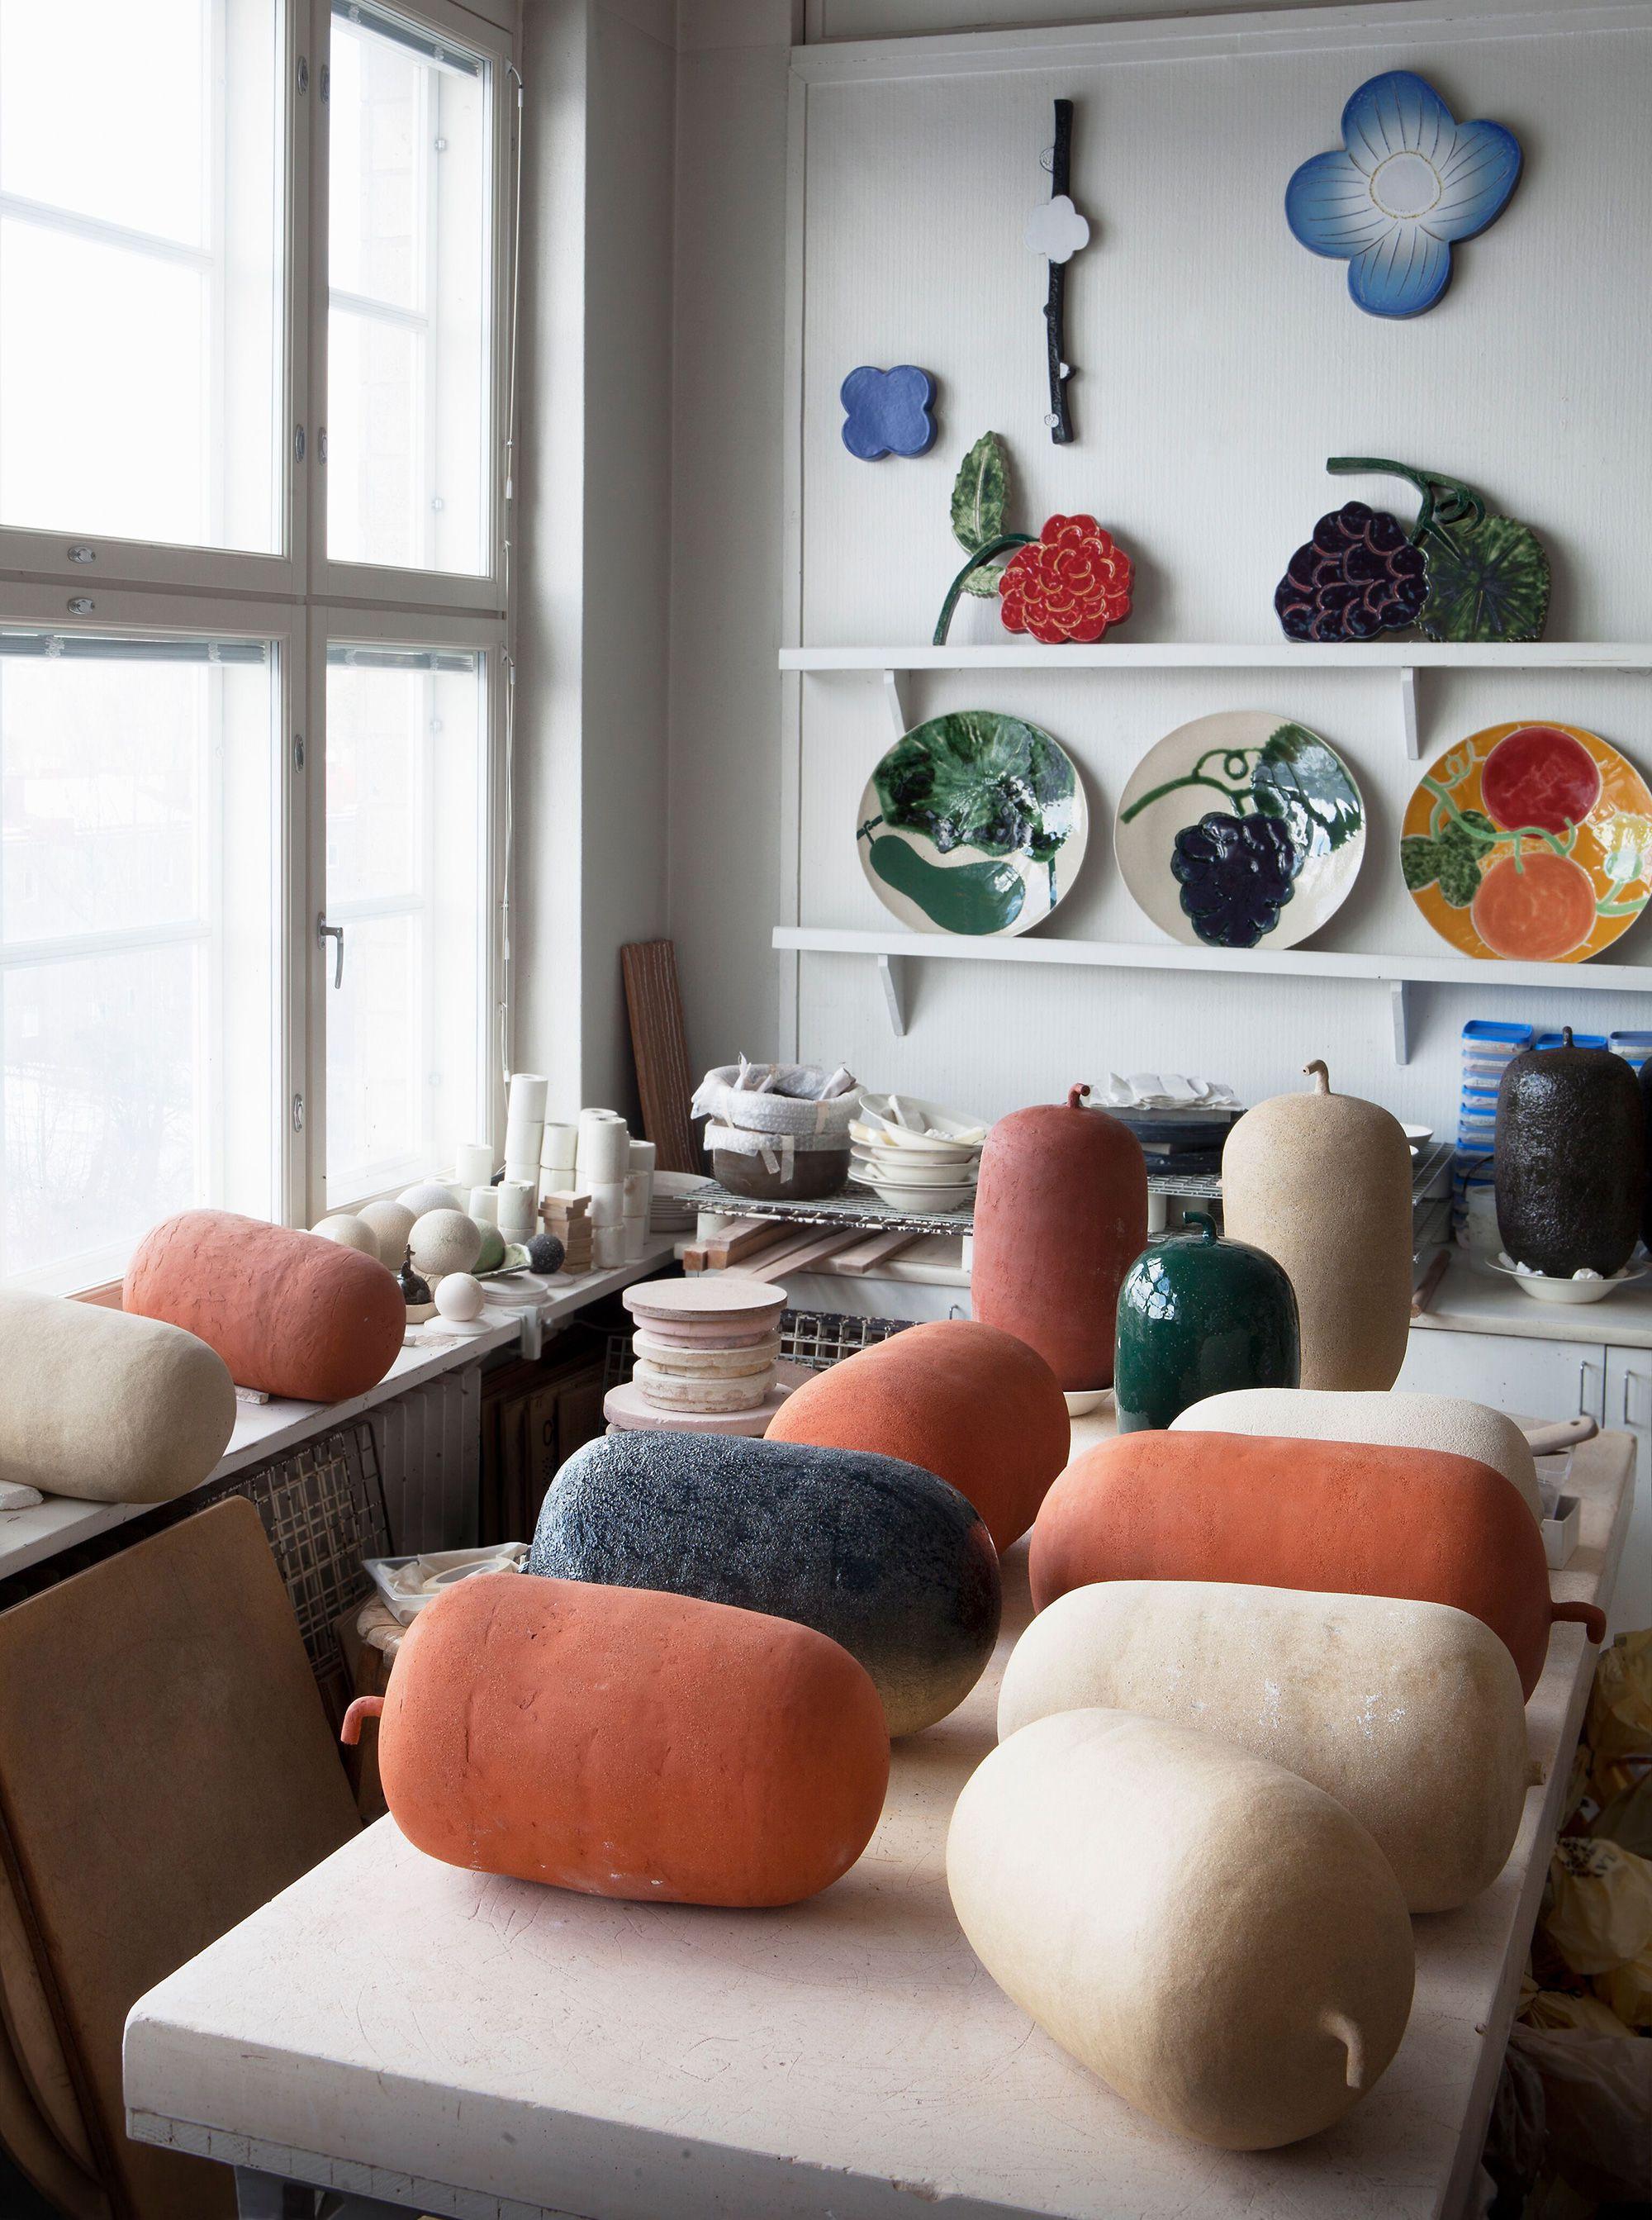 石本の工房には多くの作品が並んでいる。